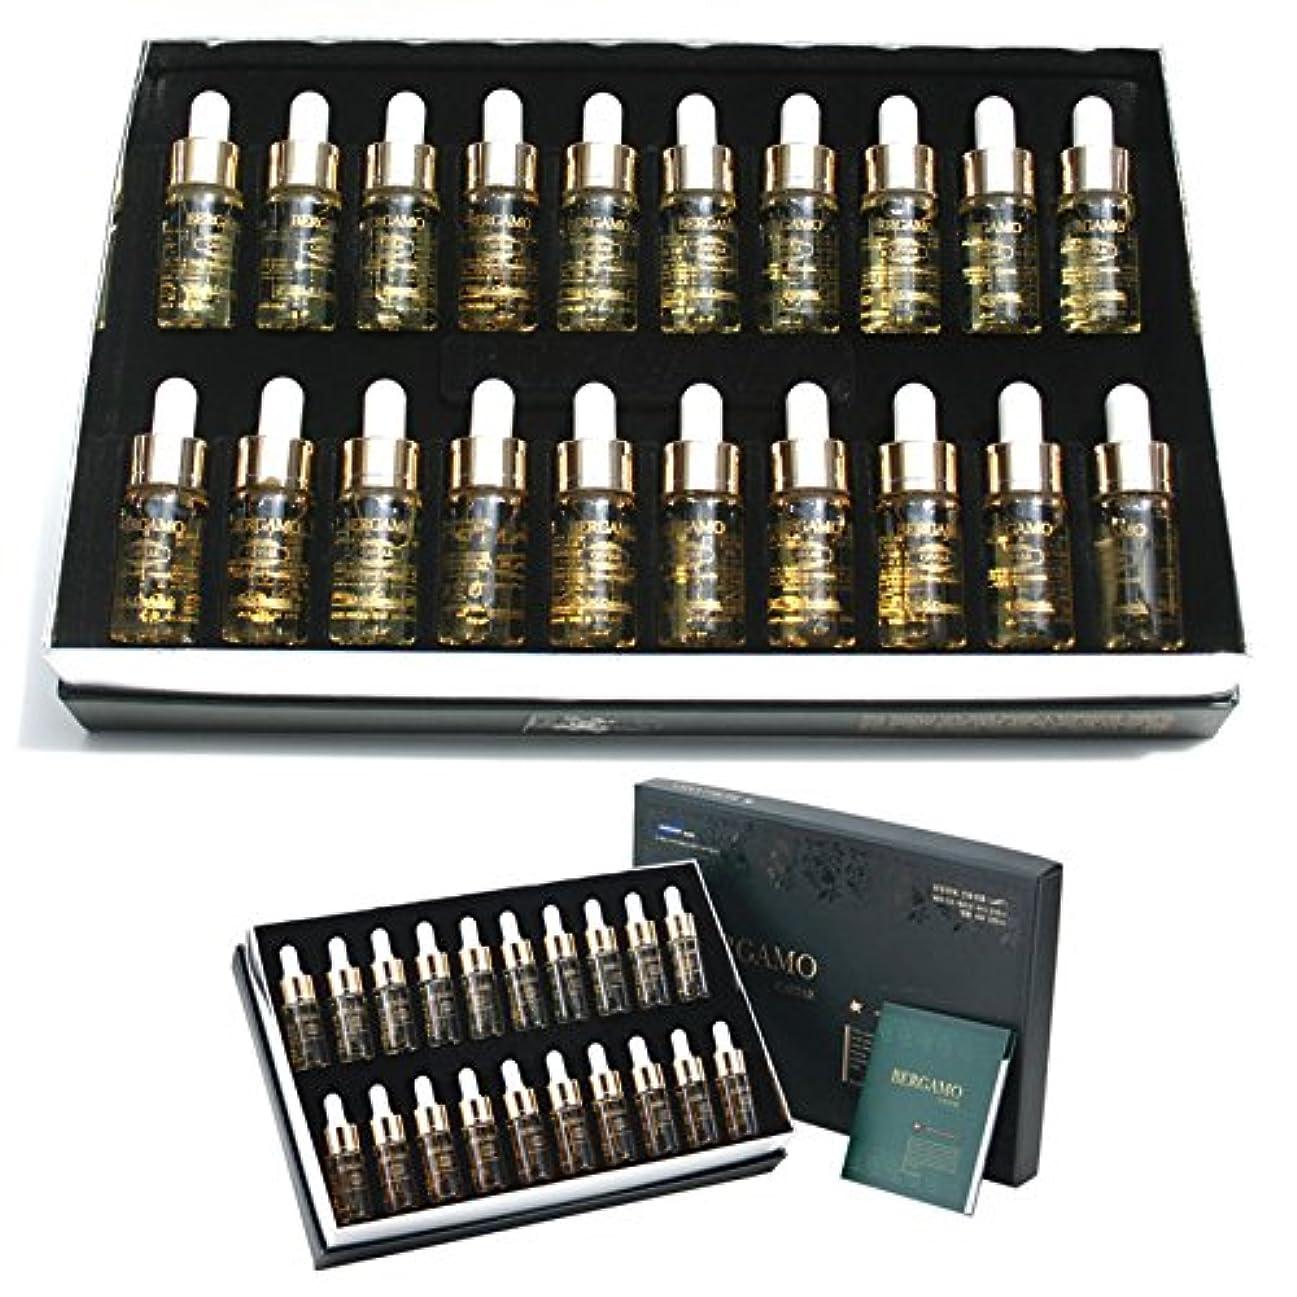 雑多な虚栄心タブレット[ベルガモ]Bergamo/キャビア高効力のビタミンアンプルセット13ml * 20ea/Caviar High Potency Vitamin Ampoule Set 13ml * 20ea/韓国化粧品/Korean Cosmetics [並行輸入品]